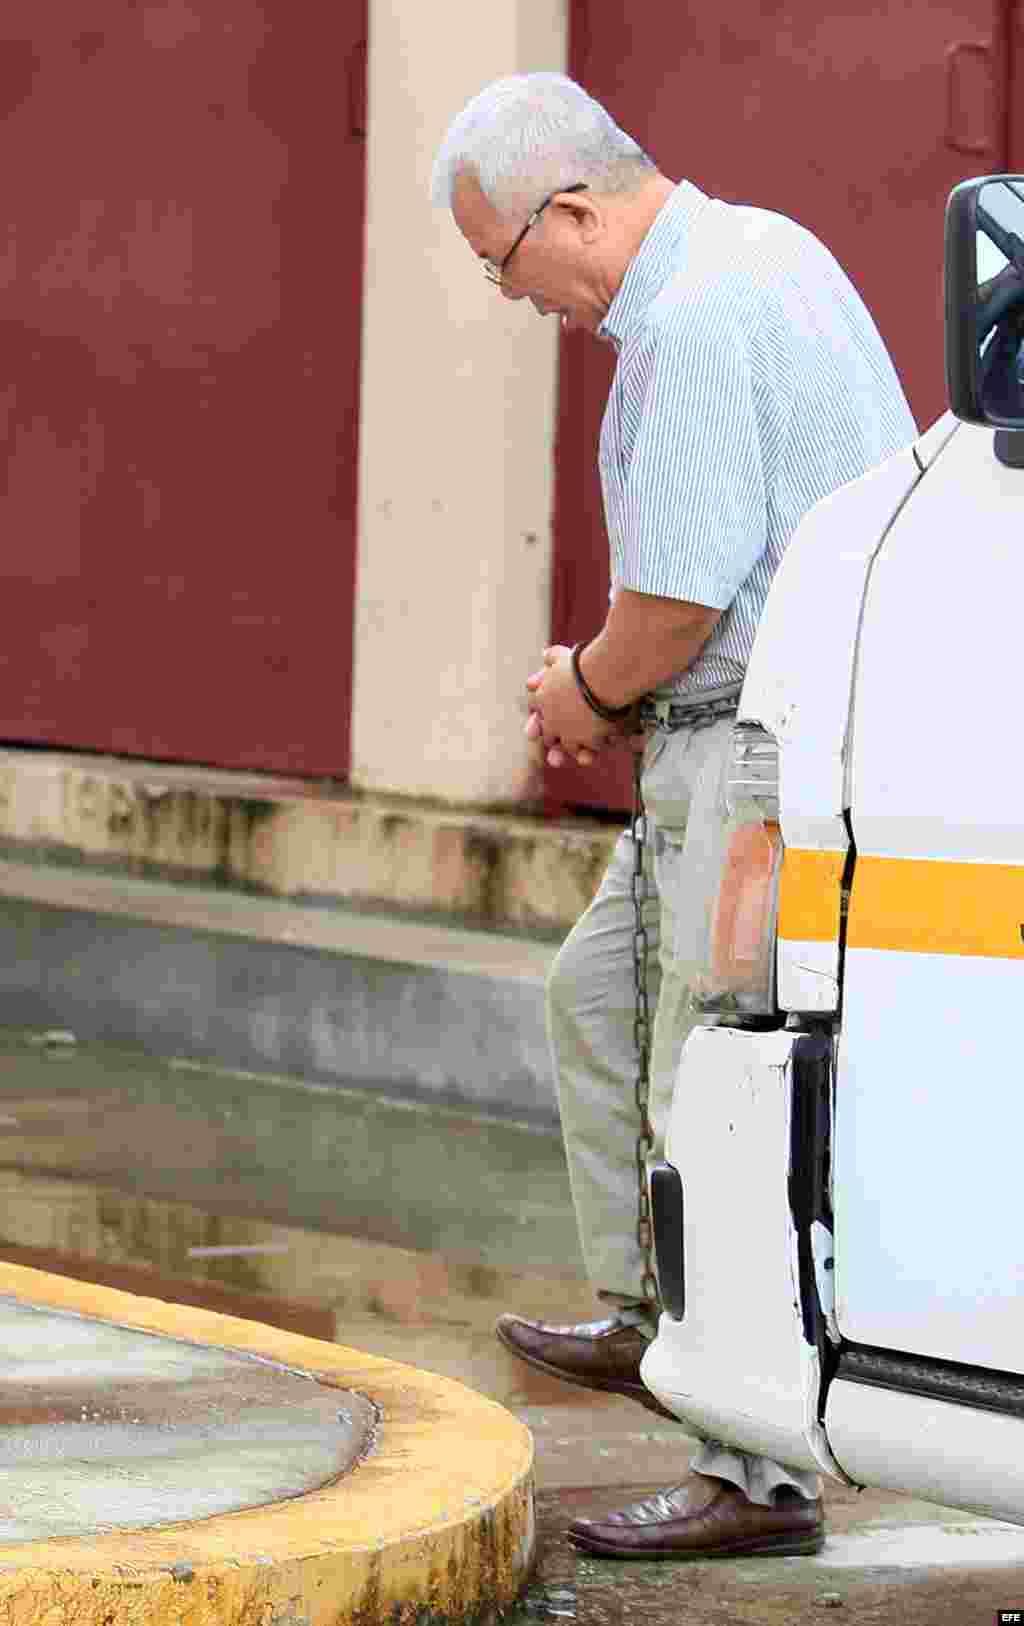 El norcoreano Kim Yong Gol, oficial político del buque norcoreano detenido en 2013 en Panamá con un arsenal cubano no declarado, a su llegada hoy, miércoles 4 de junio de 2014, al Tribunal Tercero del Circuito Judicial de la ciudad de Colón, donde se cele